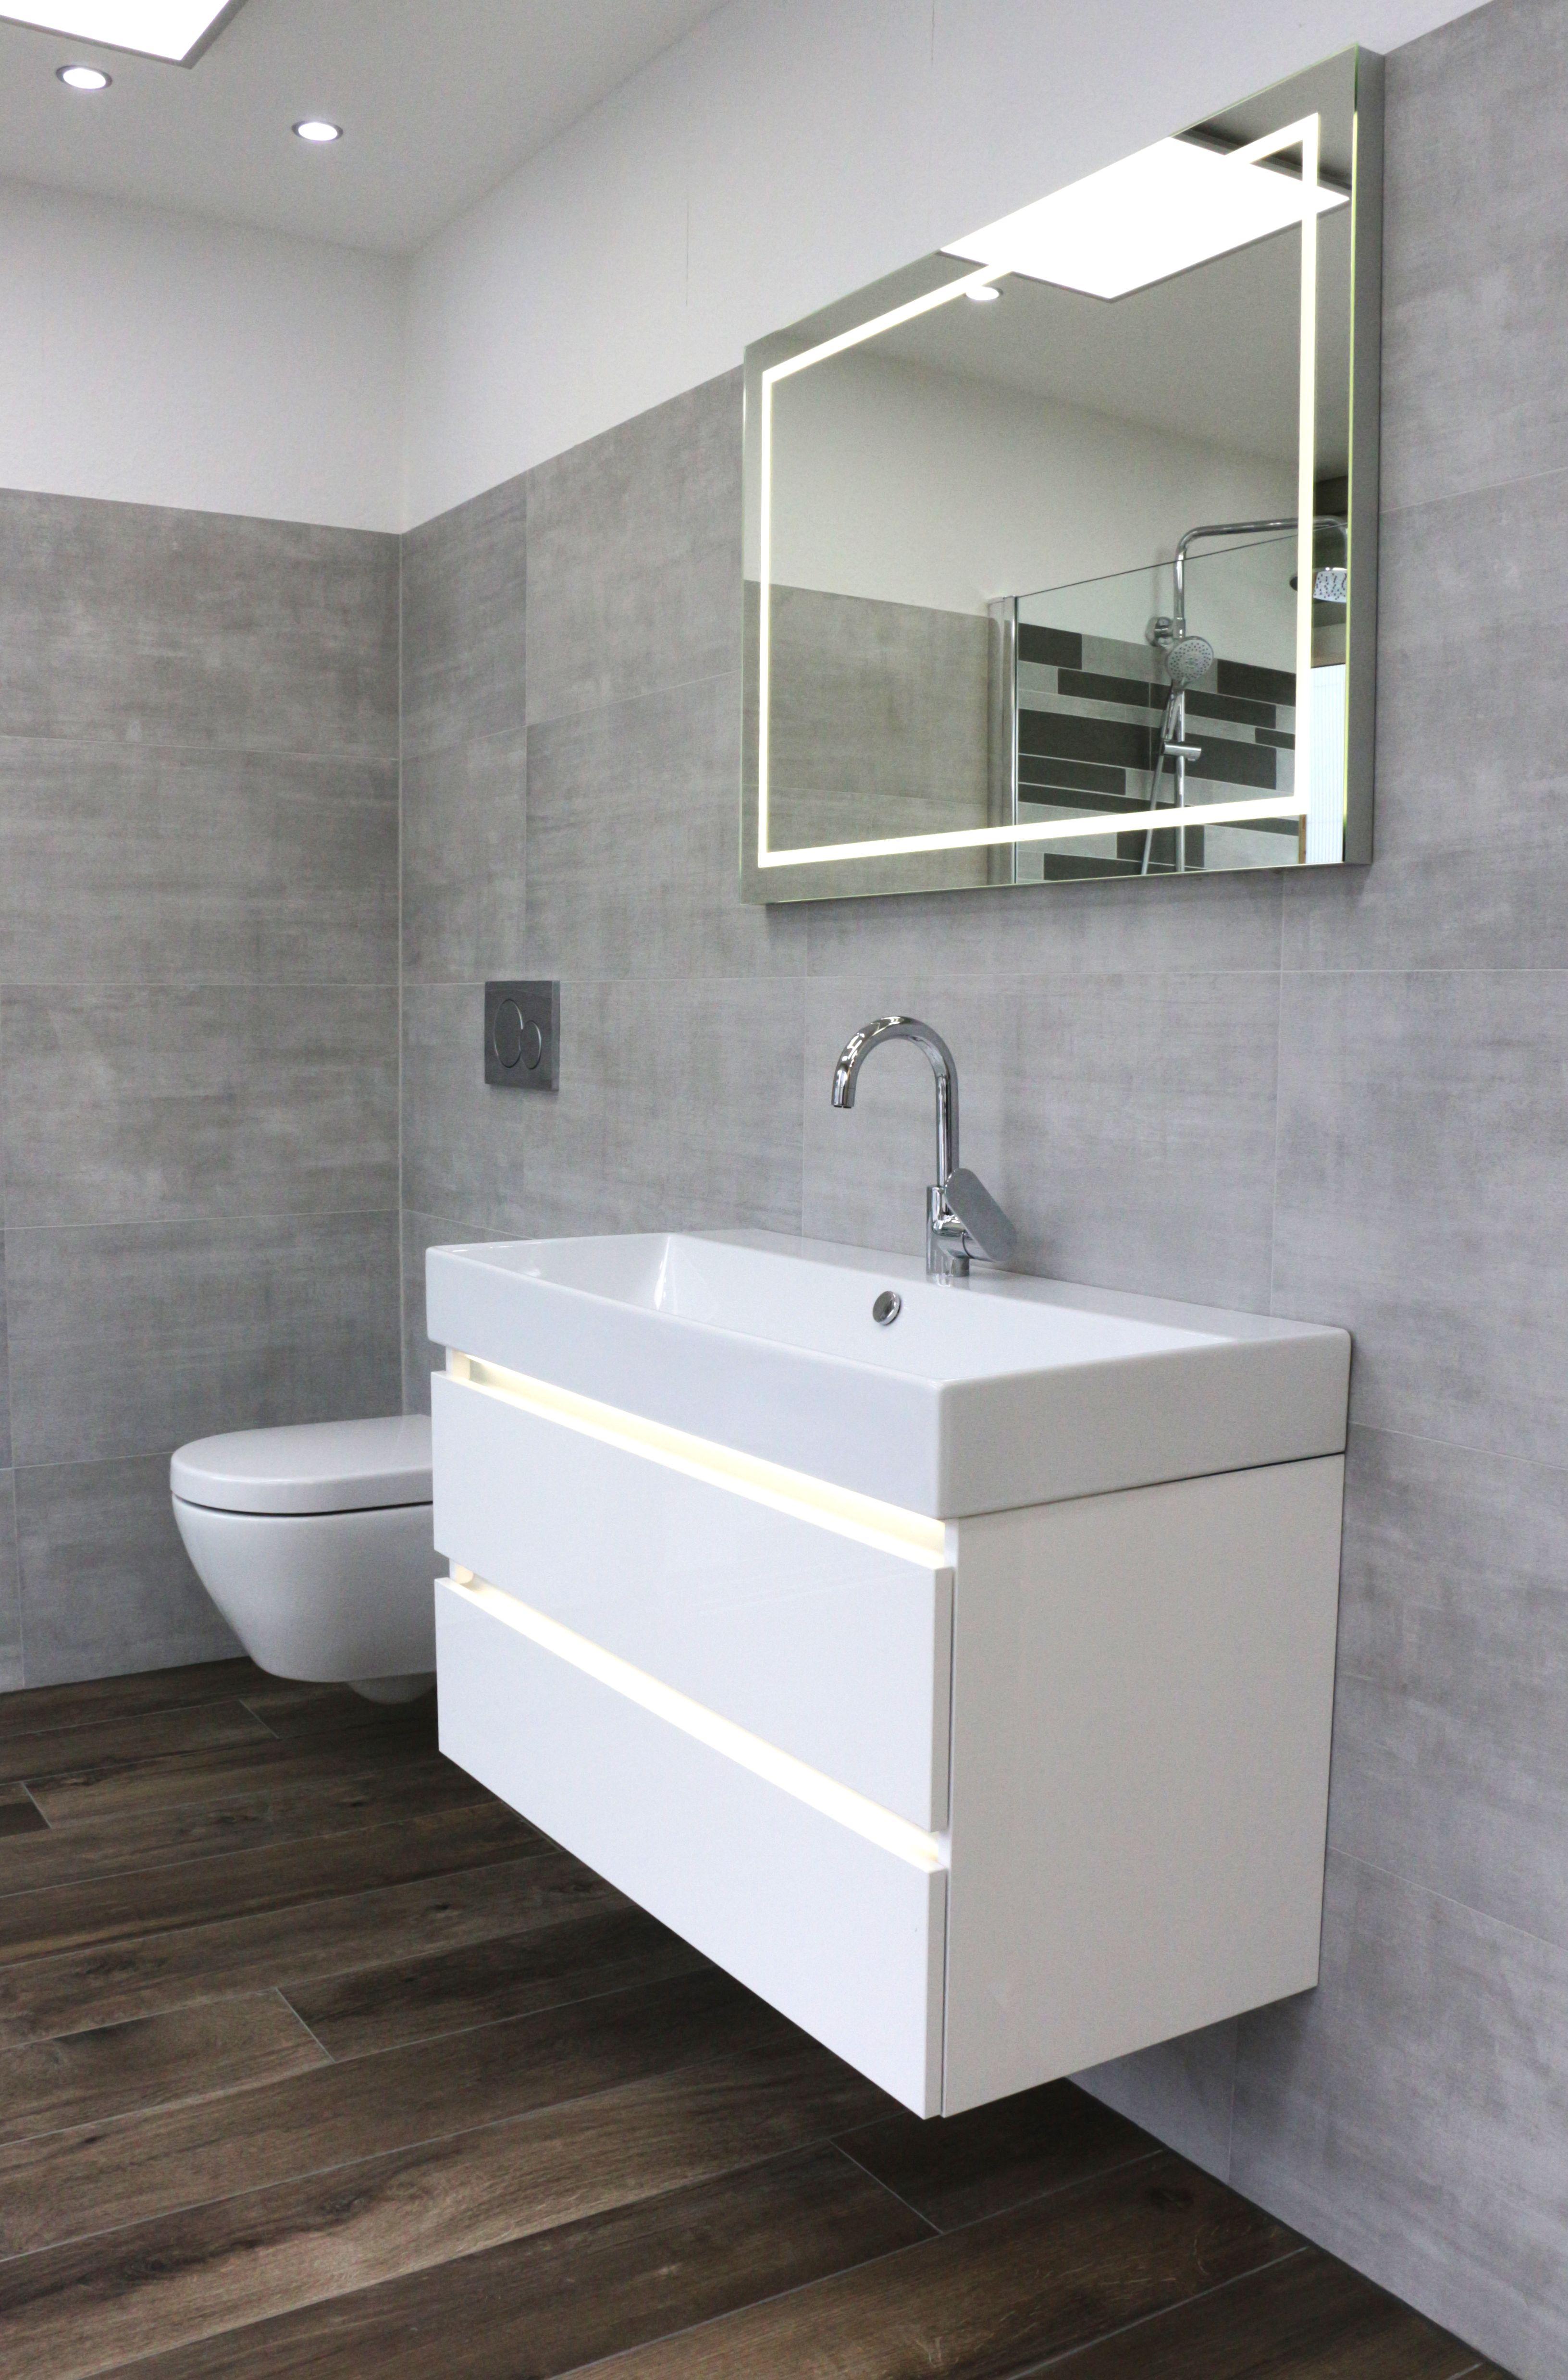 Topcollection Beton Bodenfliese Grigio 40x80 Cm Kleine Badezimmer Design Badezimmer Holzoptik Und Fliesen Wohnzimmer